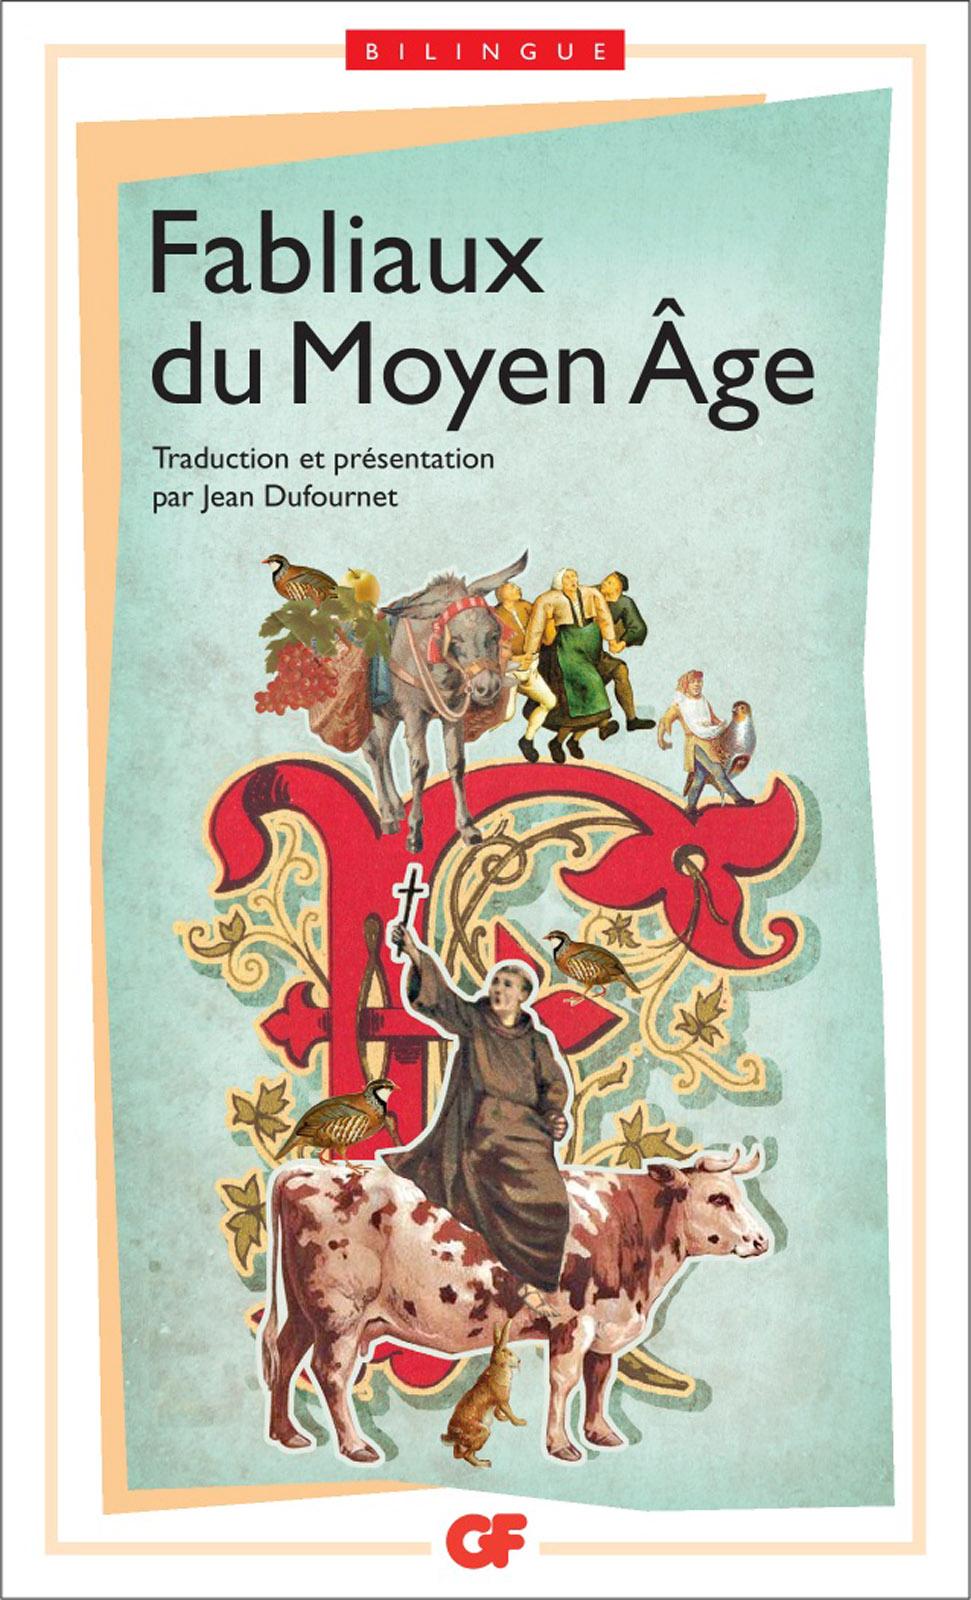 Fabliaux du Moyen Âge, édition bilingue